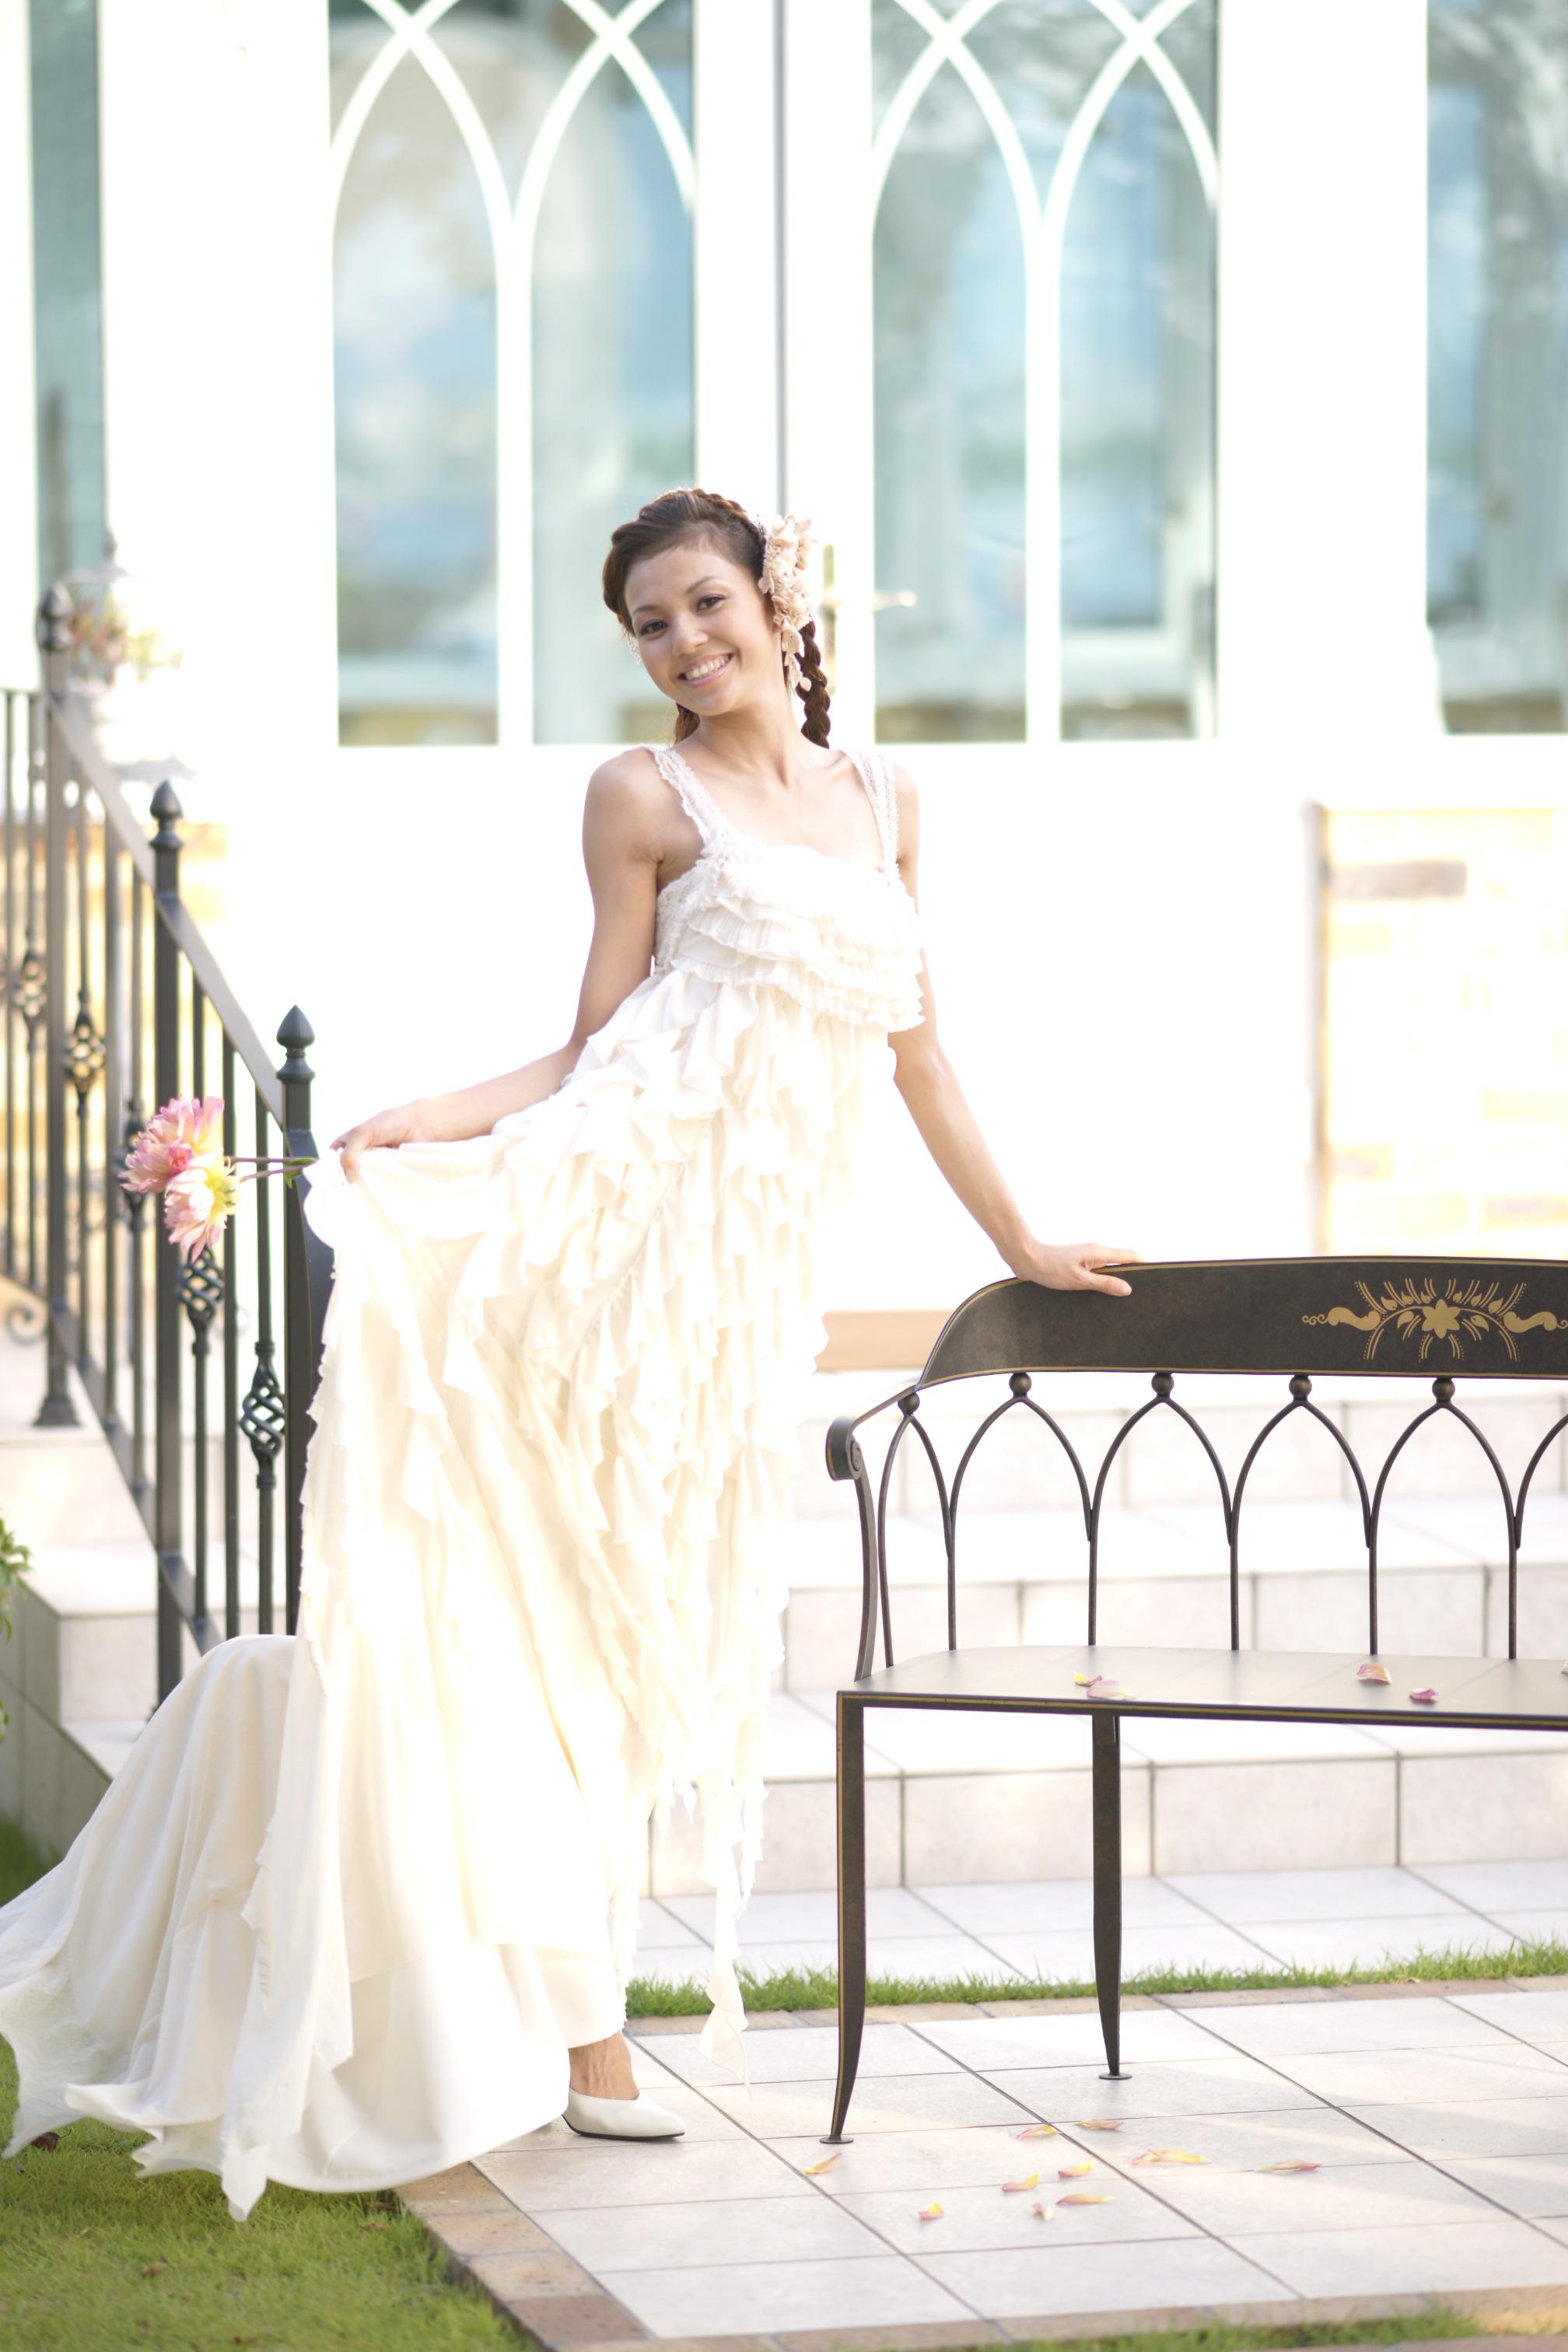 ひと手間で結婚式が100倍楽しくなる❤結婚式アレンジ大特集!!のサムネイル画像